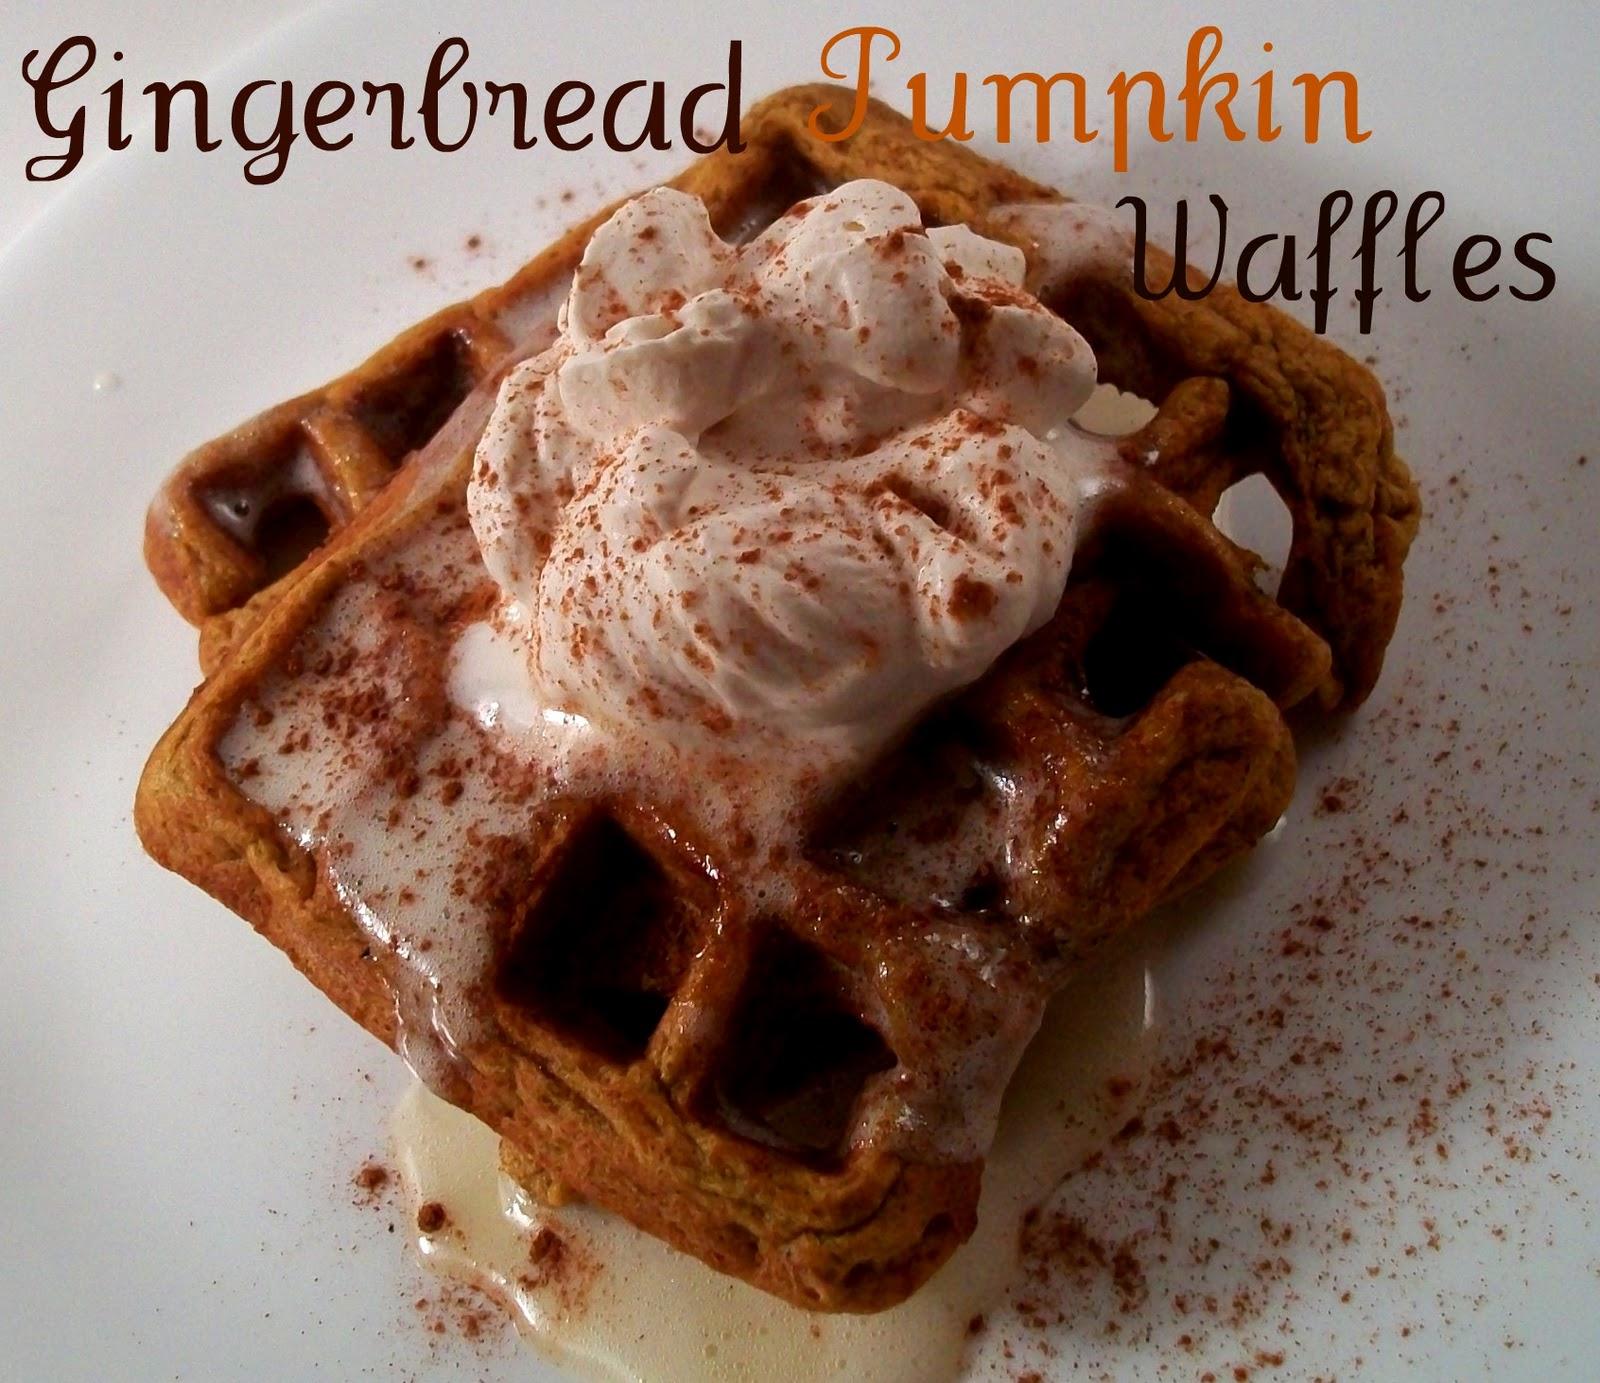 http://4.bp.blogspot.com/_lpt2kTYCqUQ/TP2v-sdRPuI/AAAAAAAADgg/CdZIdt2eCbs/s1600/Gingerbread+Pumpkin+Waffles.jpg